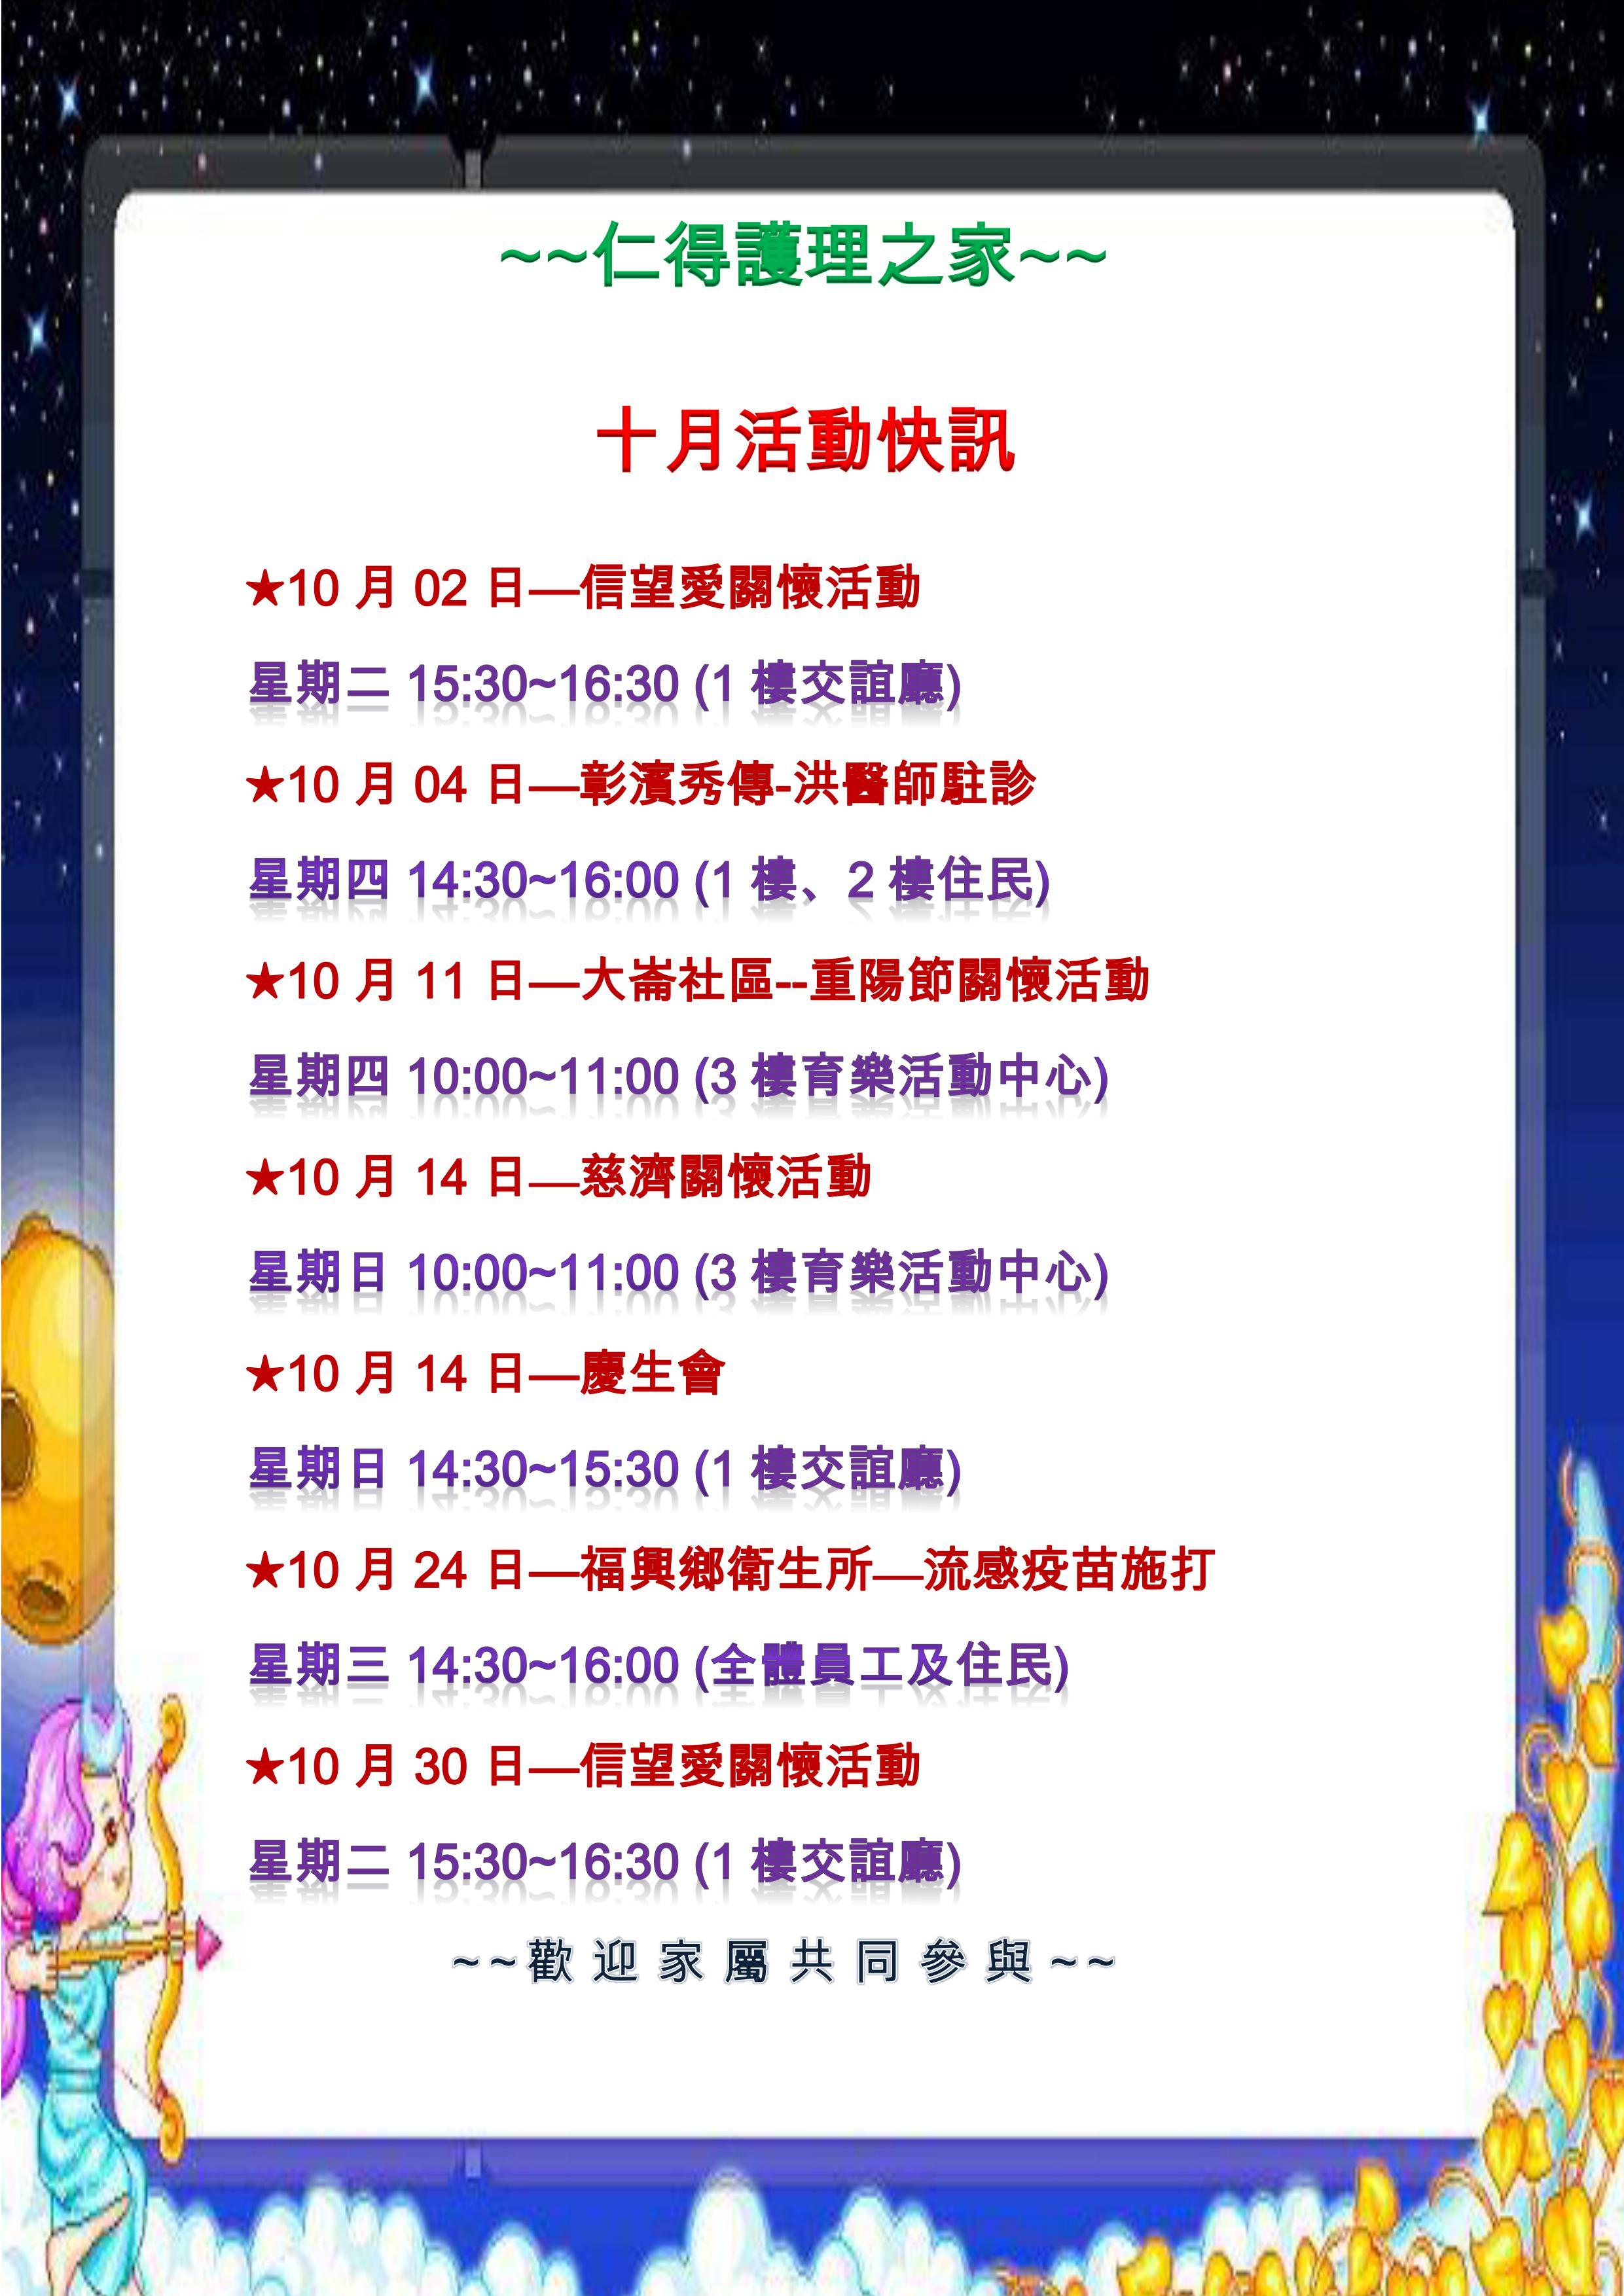 107.10月活動快訊_imgs-0001.jpg